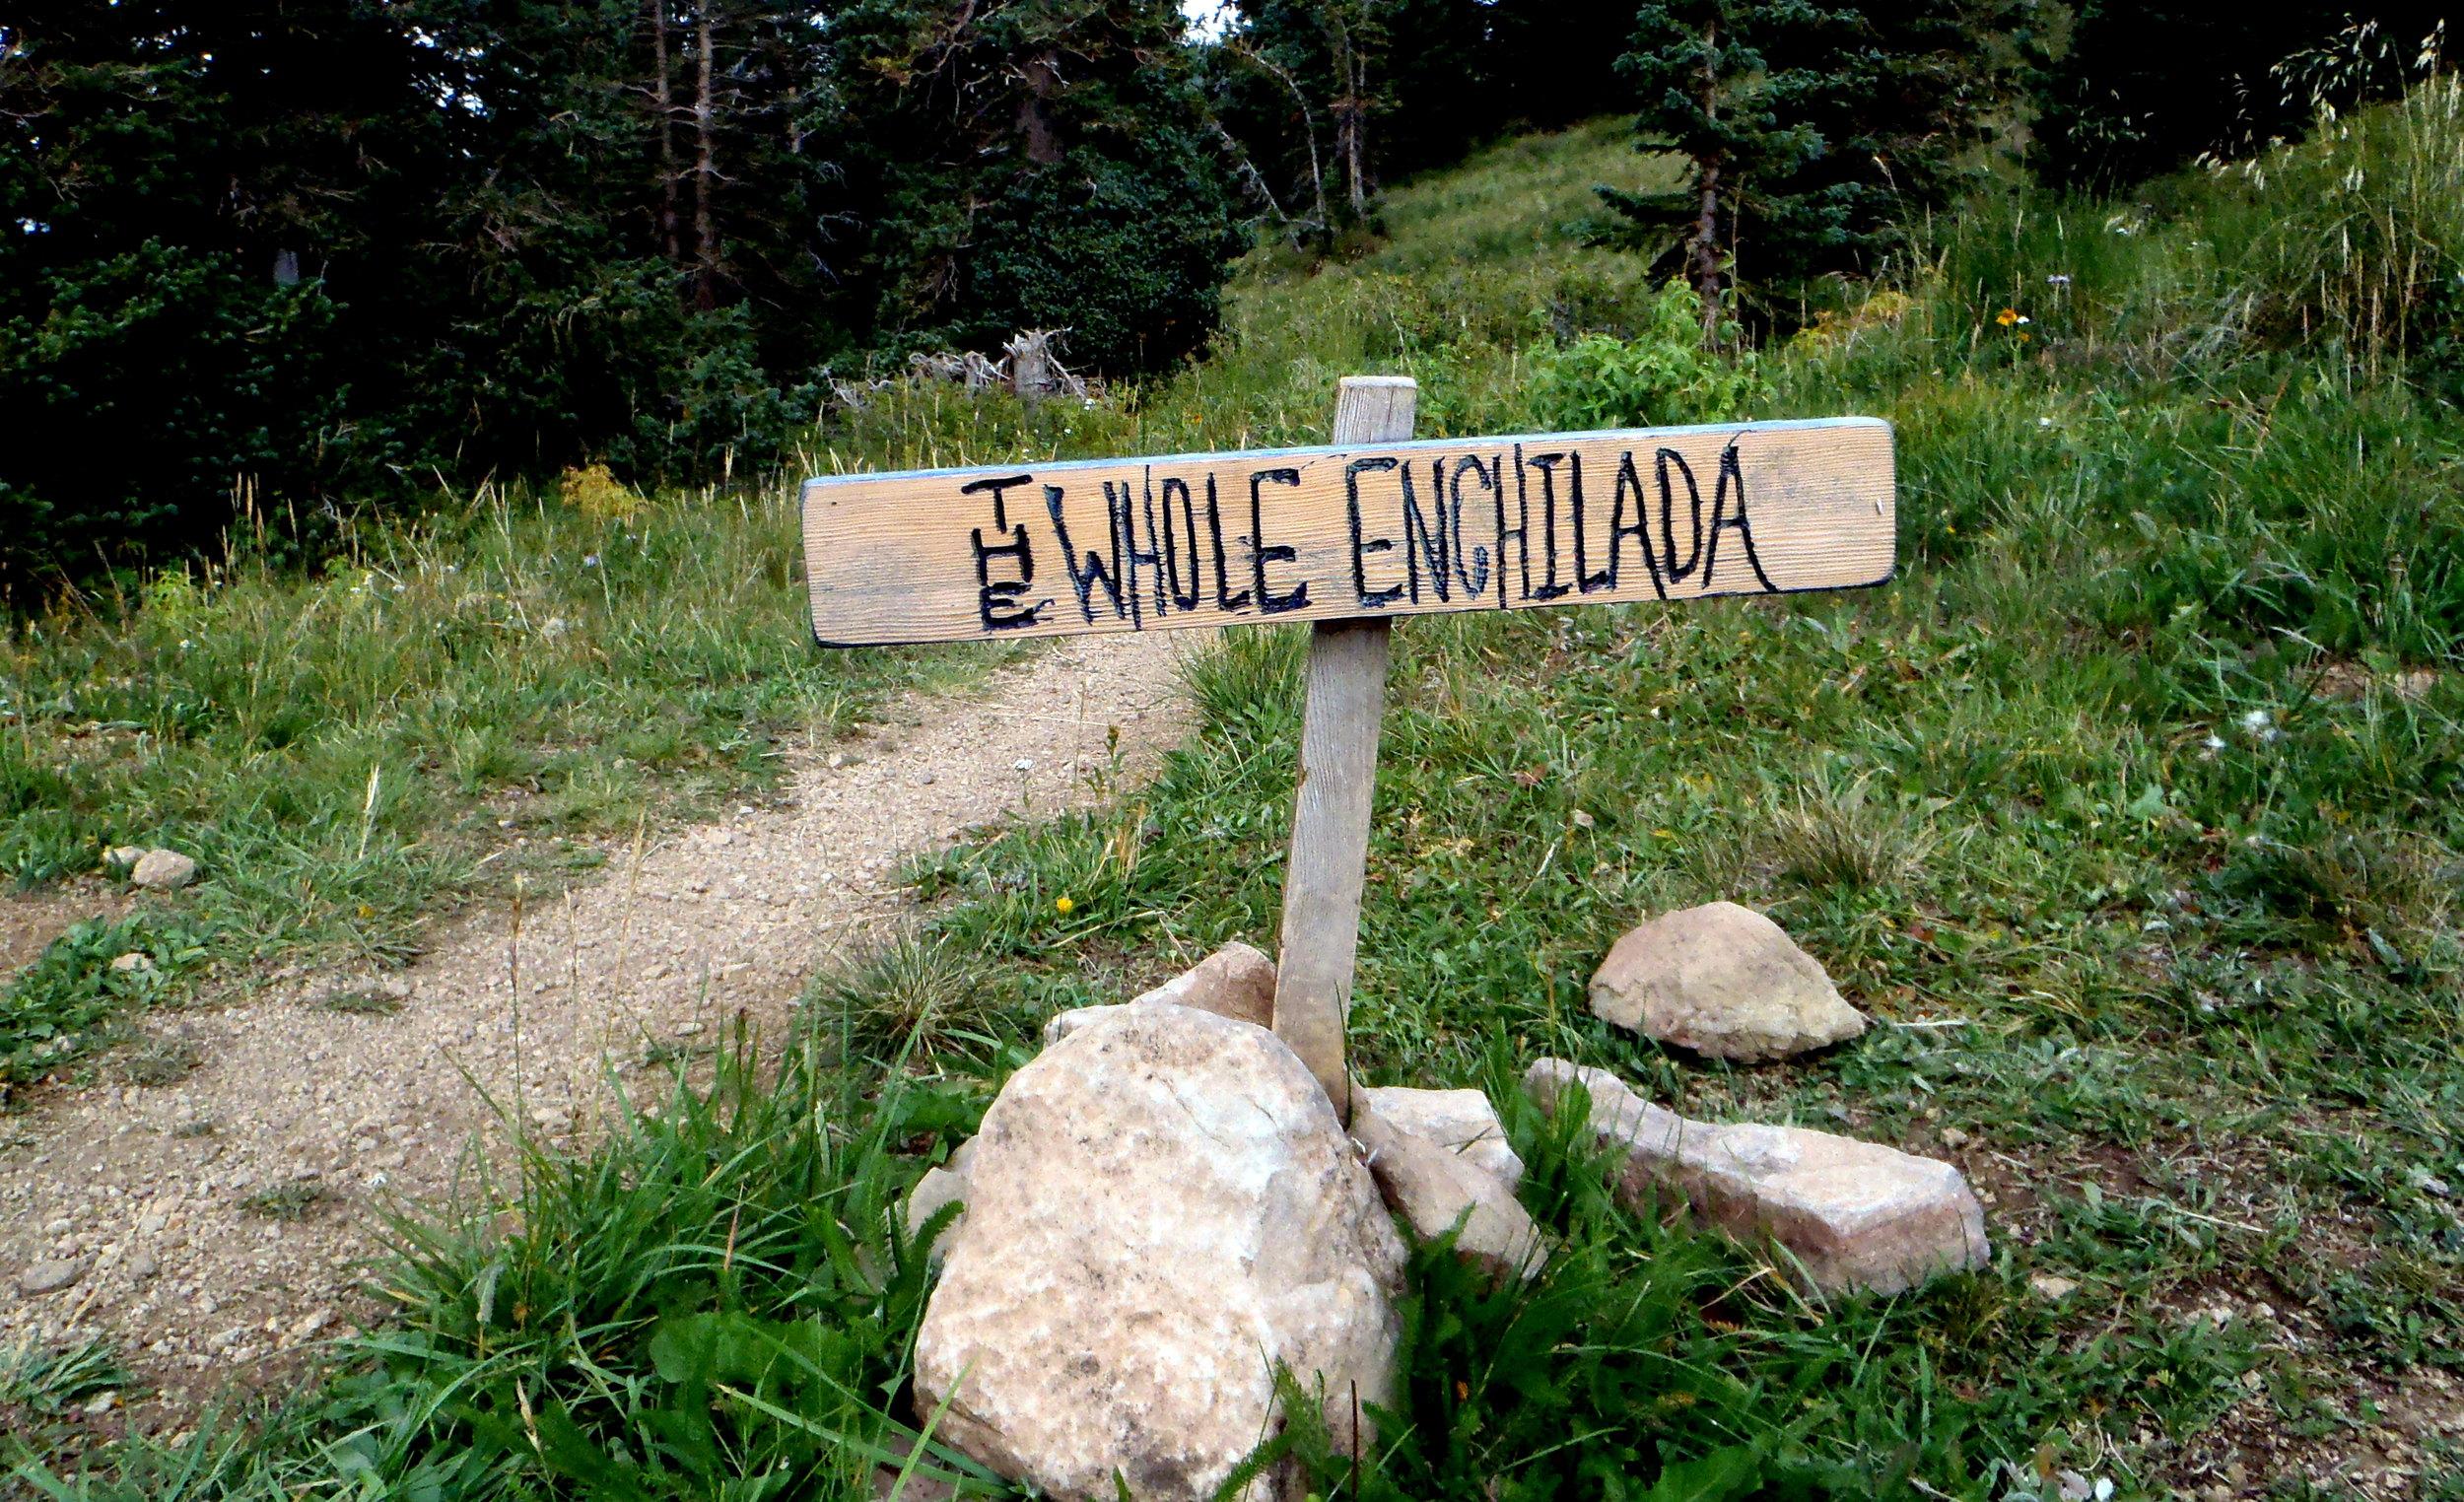 Whole Enchillada